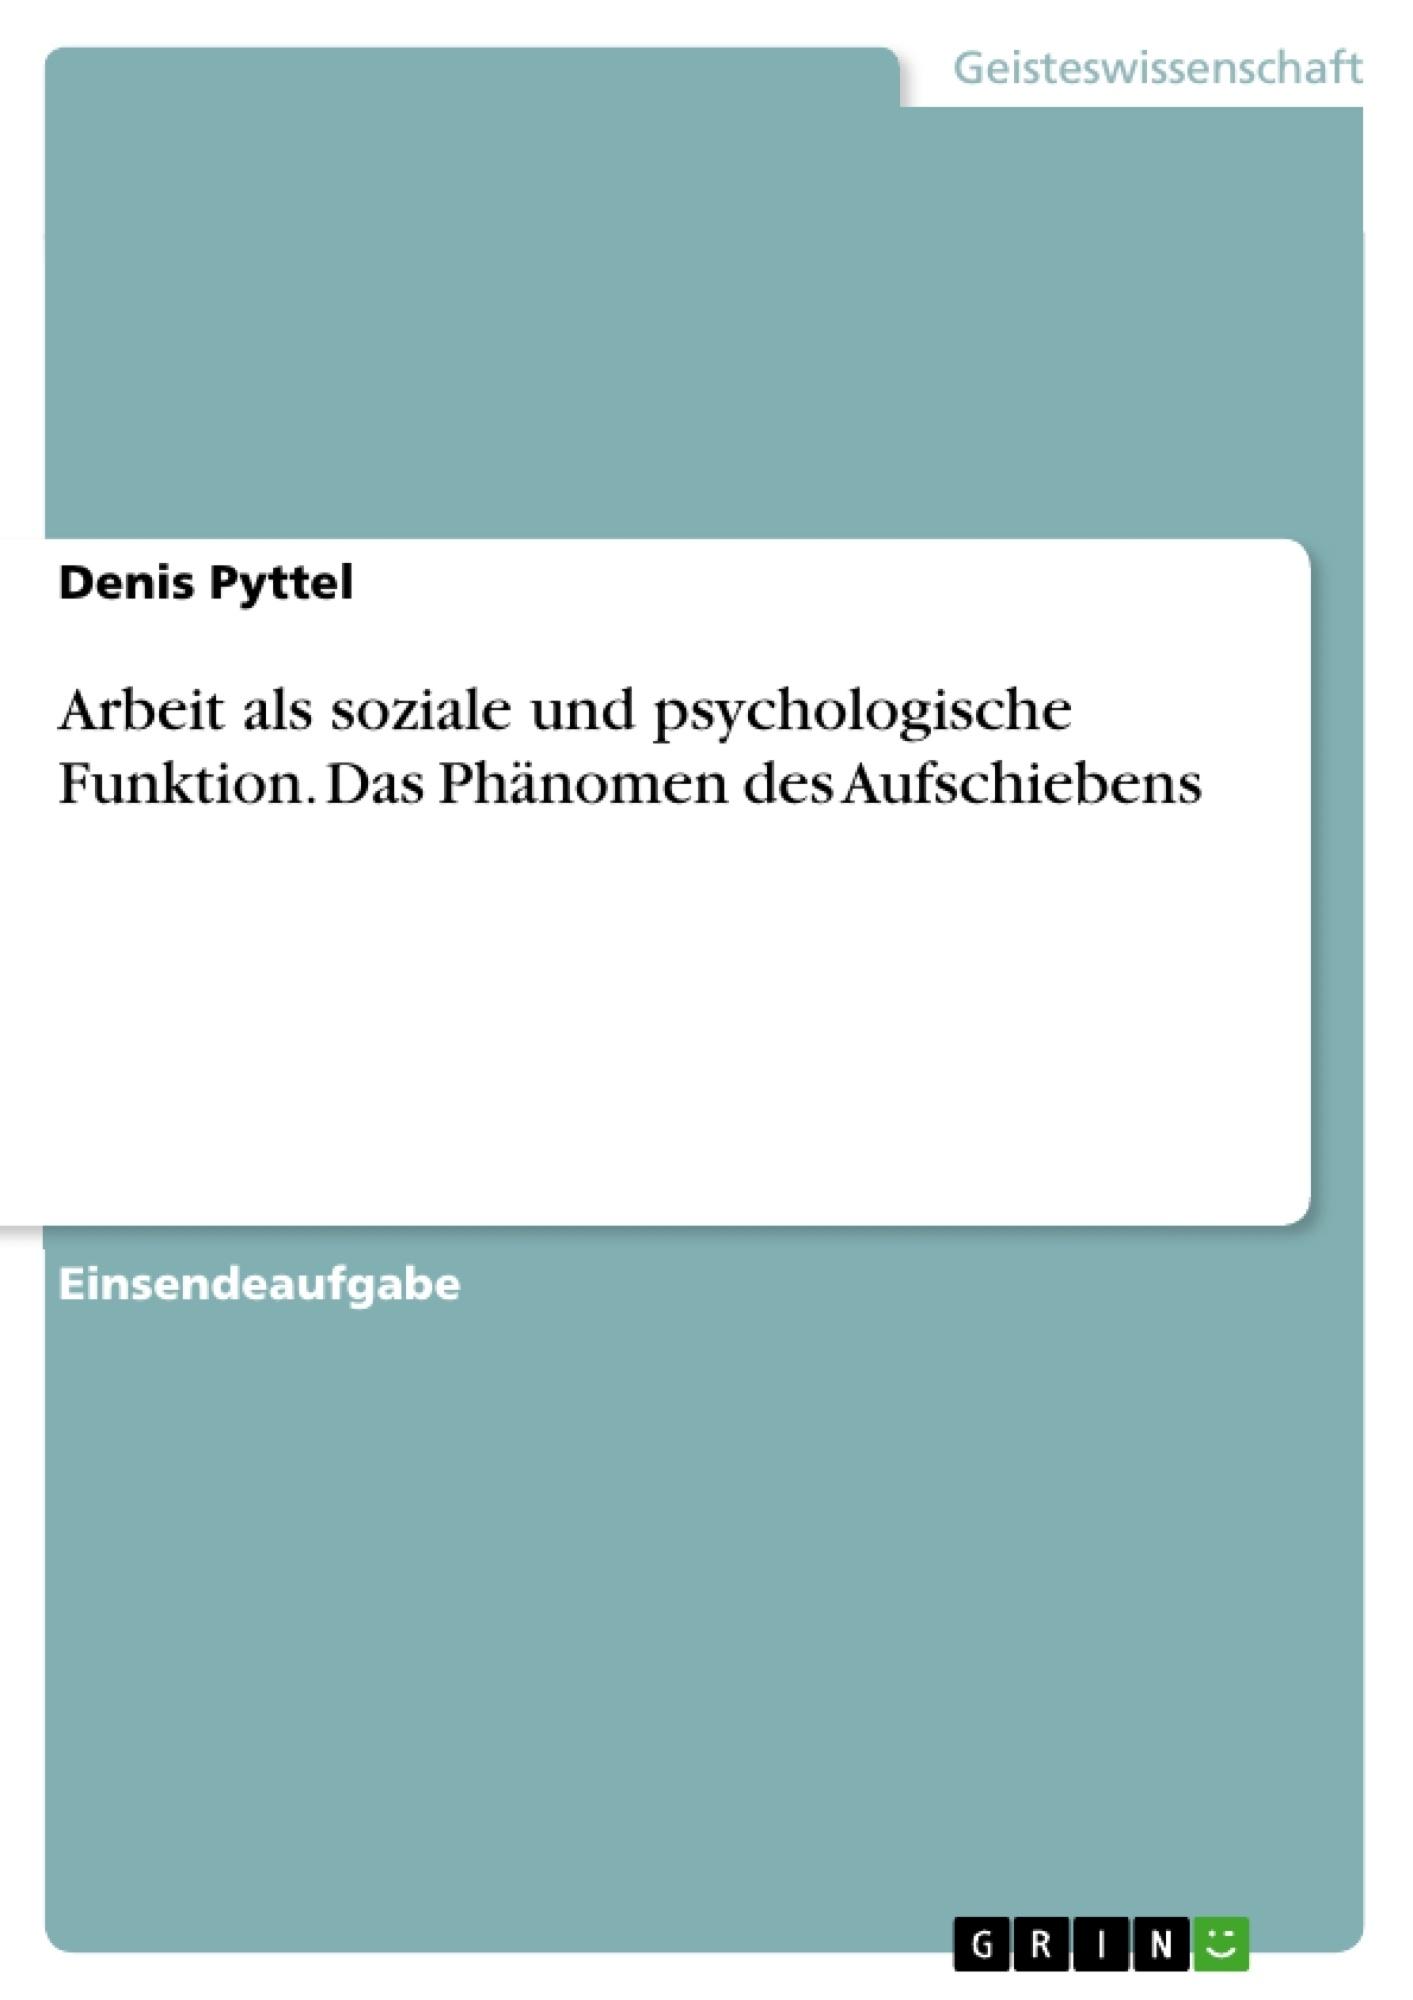 Titel: Arbeit als soziale und psychologische Funktion. Das Phänomen des Aufschiebens